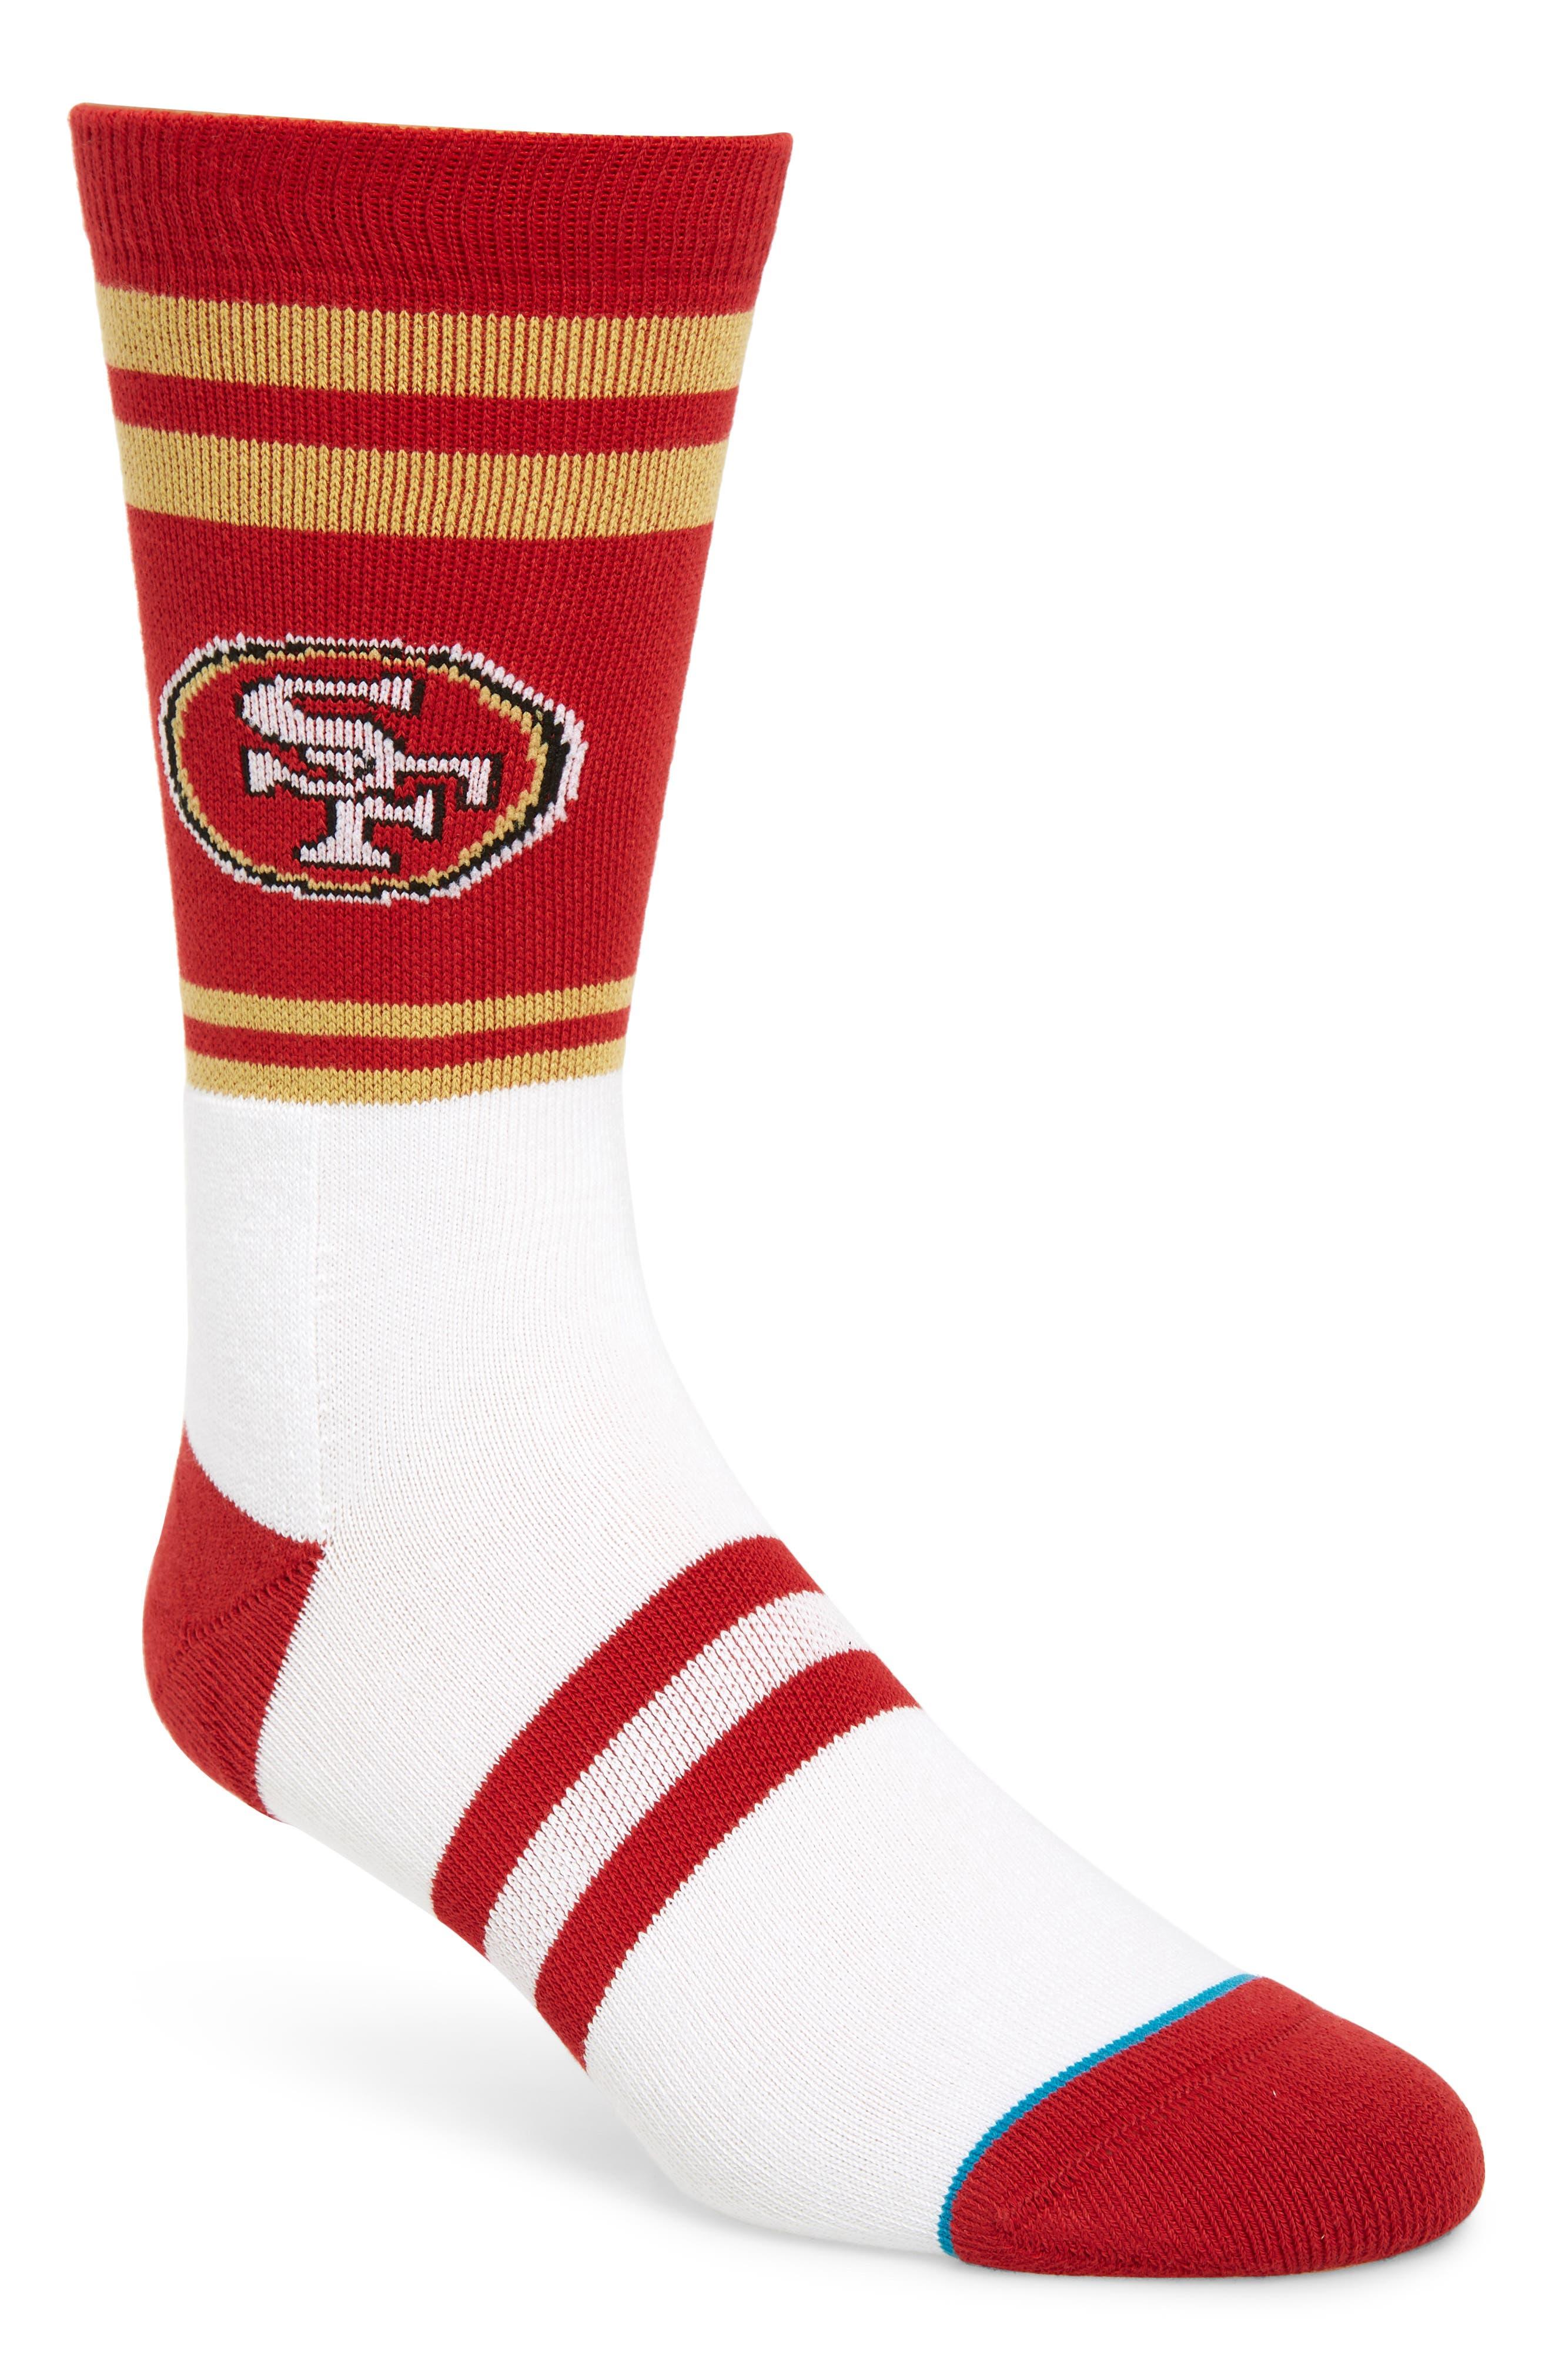 San Francisco 49ers Socks,                             Main thumbnail 1, color,                             RED